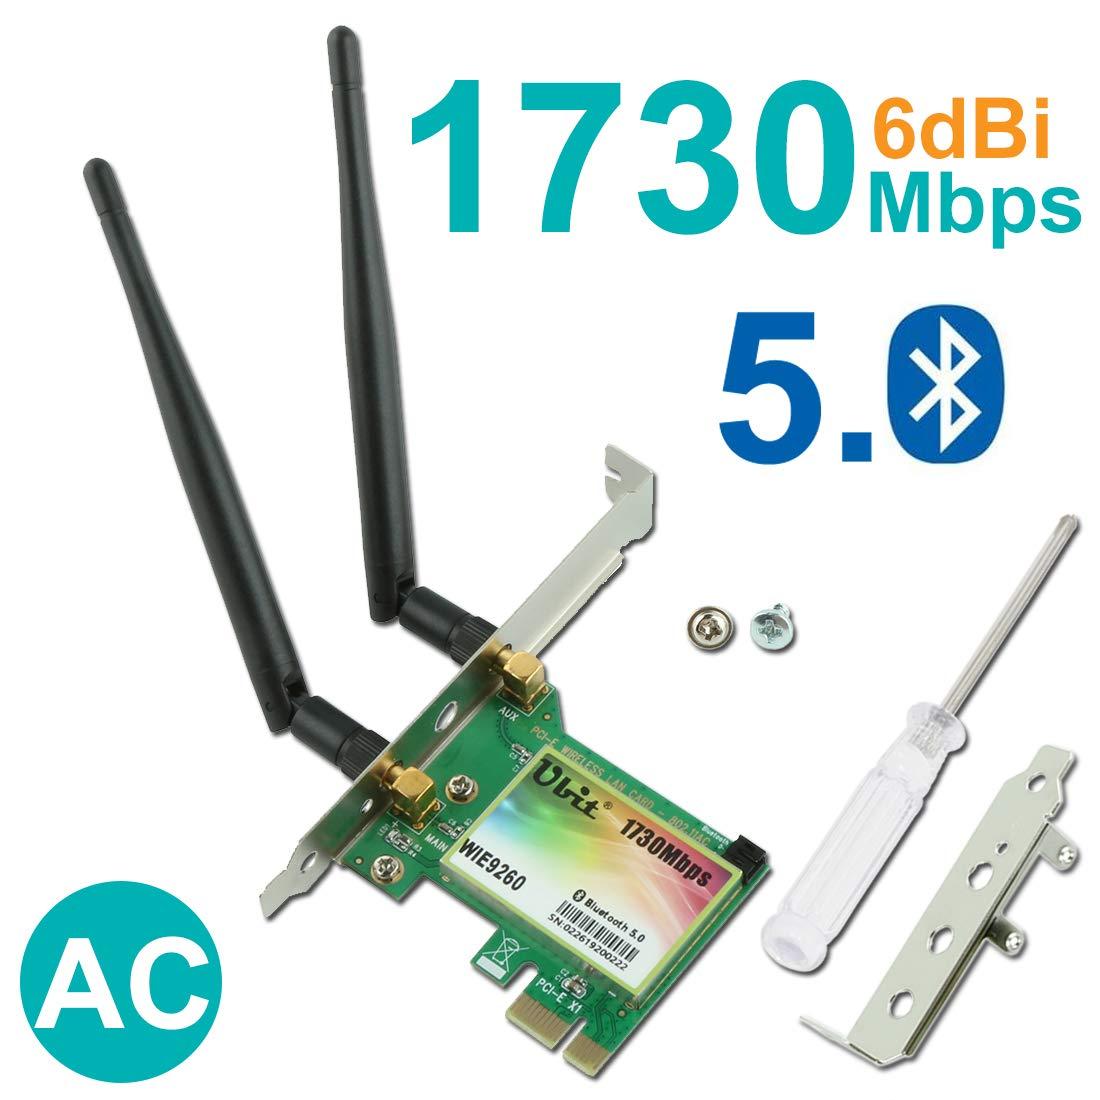 Gigabit WiFi Card, Wireless-AC 9260 Bluetooth 5.0 Card, Ubit 802.11AC 1730Mbps PCIe Wireless Wifi PCIe Card, Dual-band 5GHz/2.4GHz Wireless Network Card, 6dBi Antenna PCIe WiFi Network Card by Ubit